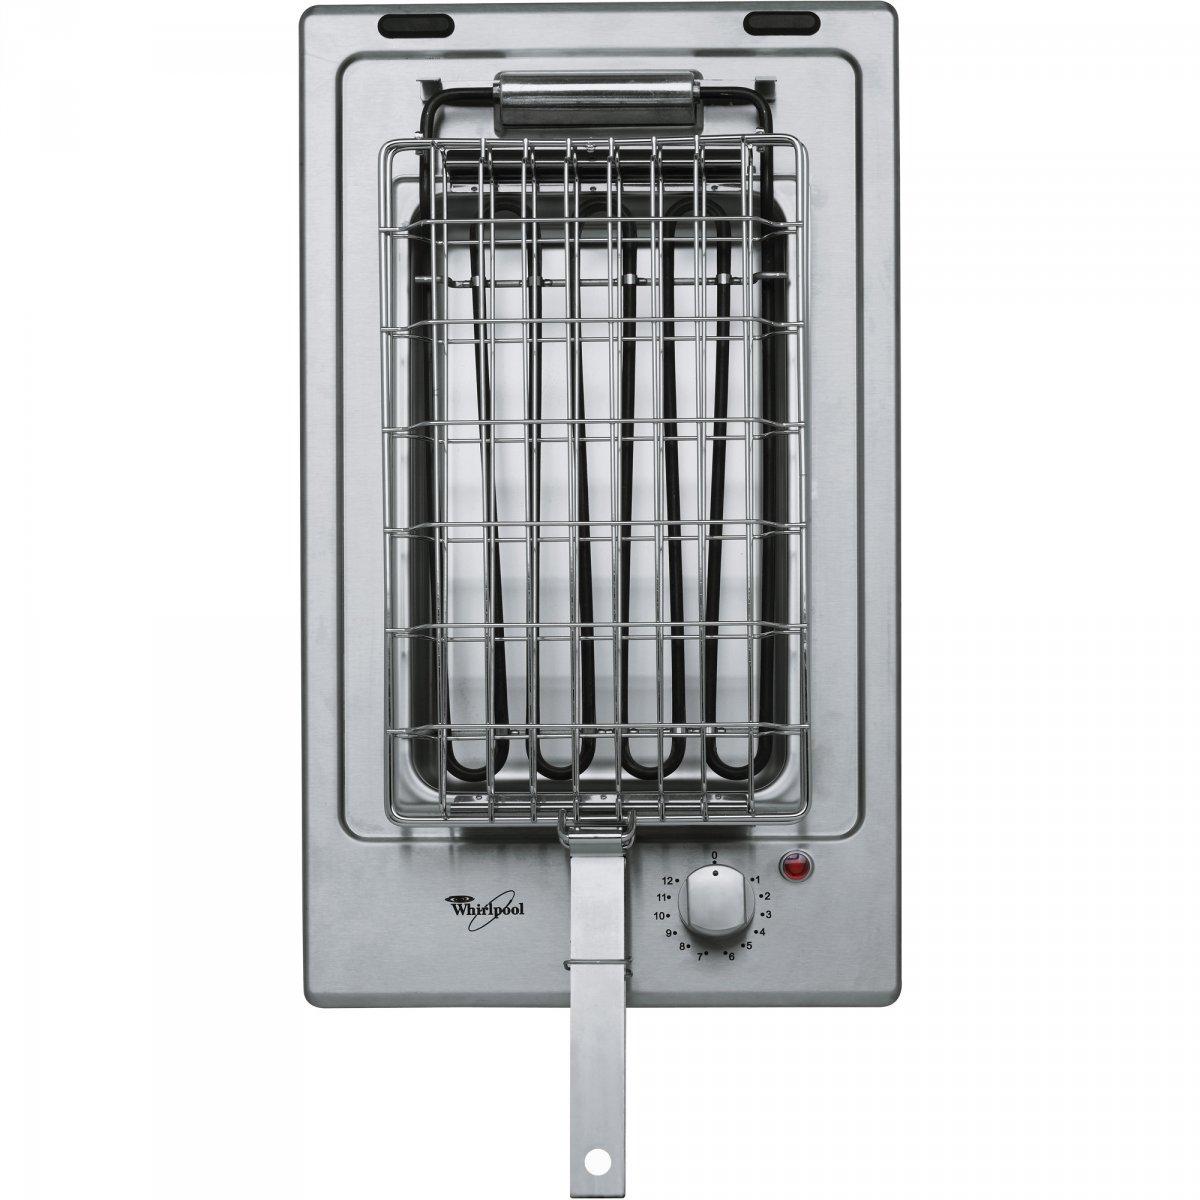 Whirlpool barbecue domino akt325ix for Costo ascensore esterno 4 piani